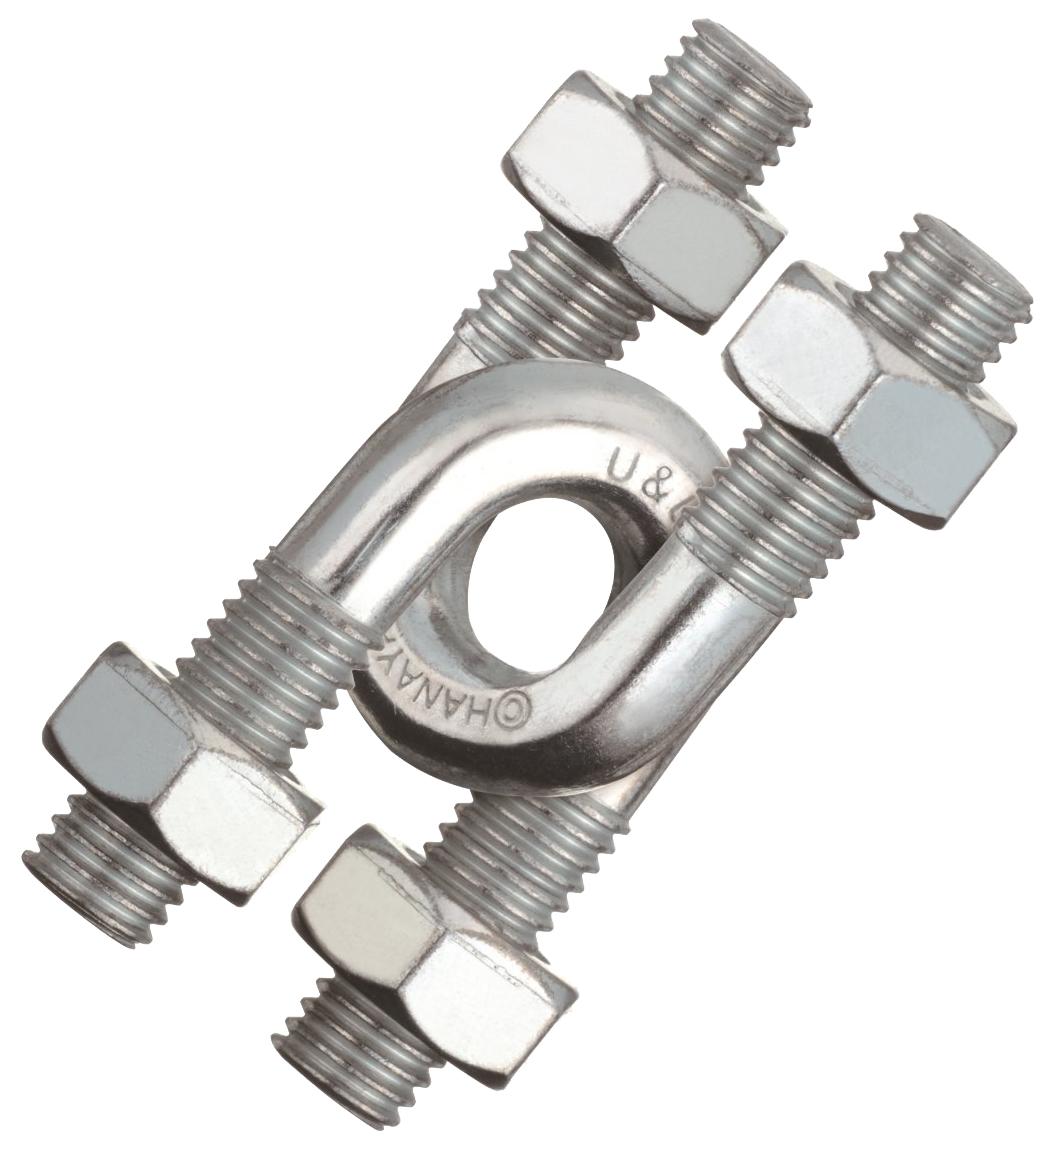 Купить Головоломка Huzzle Cast U&U 515060 сложность 4, Игрушки головоломки